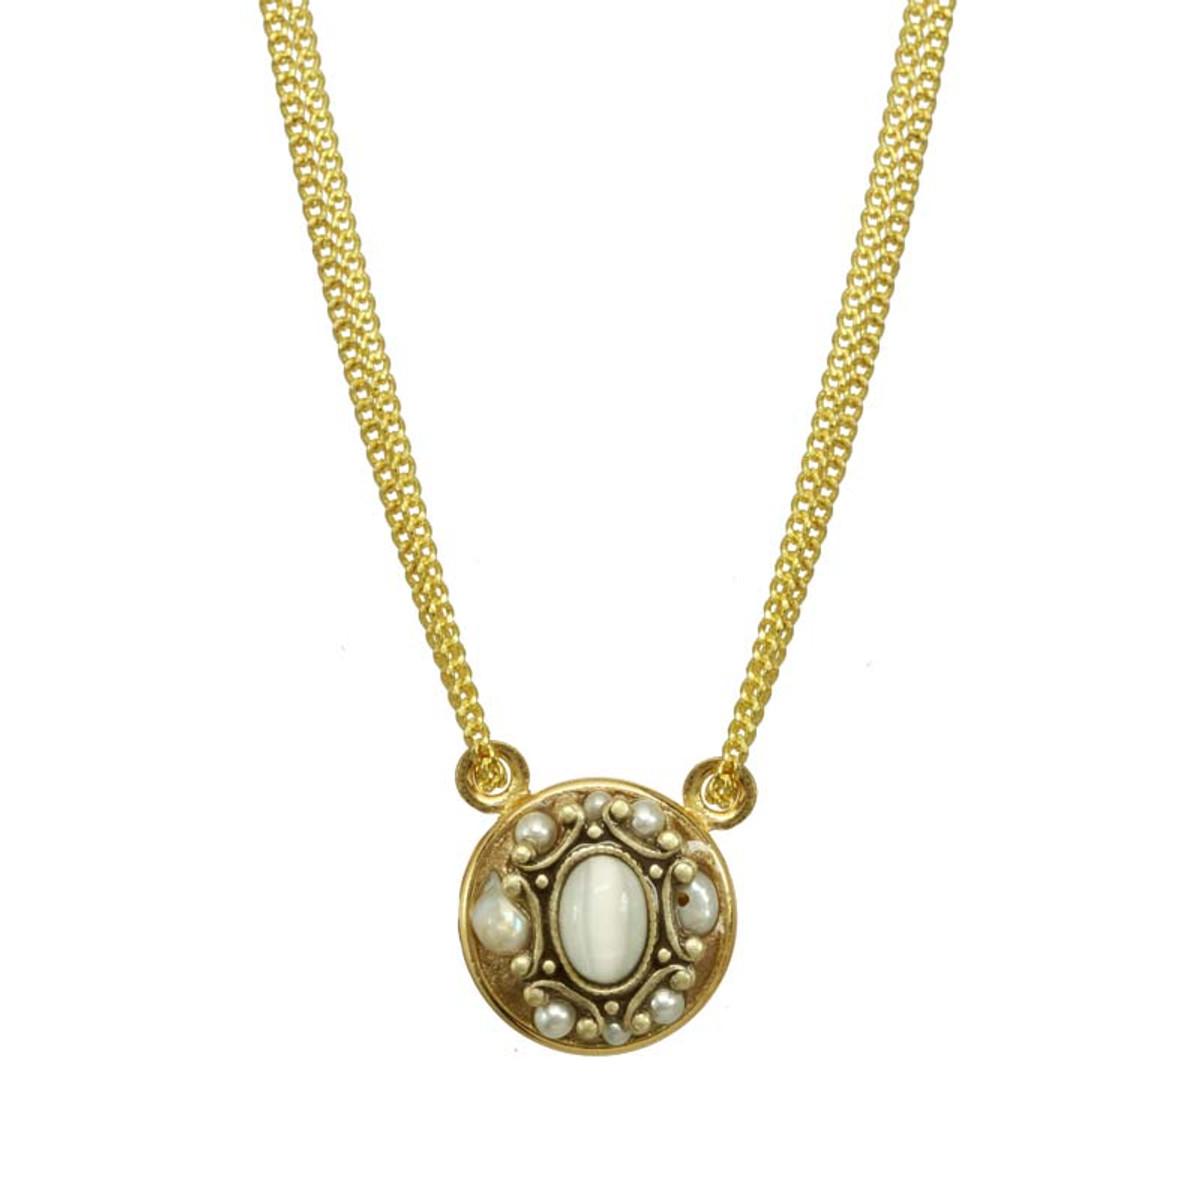 Michal Golan White Elegante Necklace